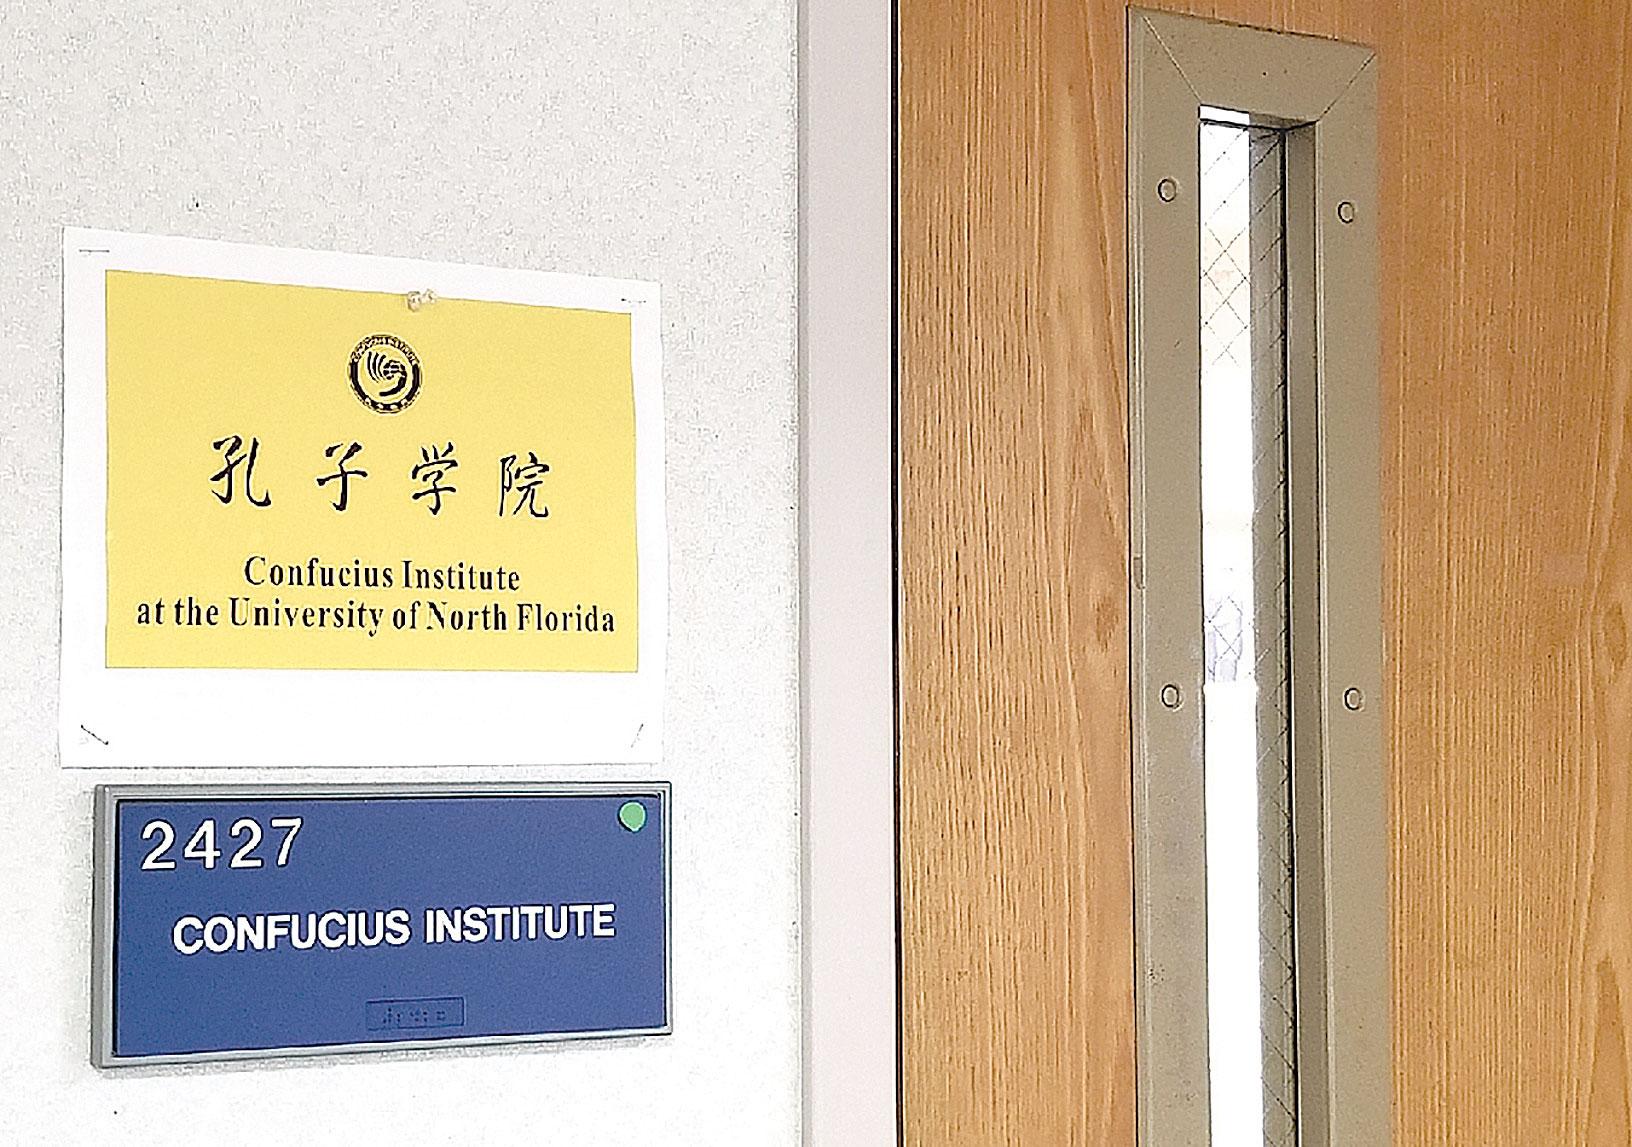 8月14日,美國北佛羅里達大學發佈聲明,宣佈將於2019年2月關閉其校區內的孔子學院。(黃雲天/大紀元)